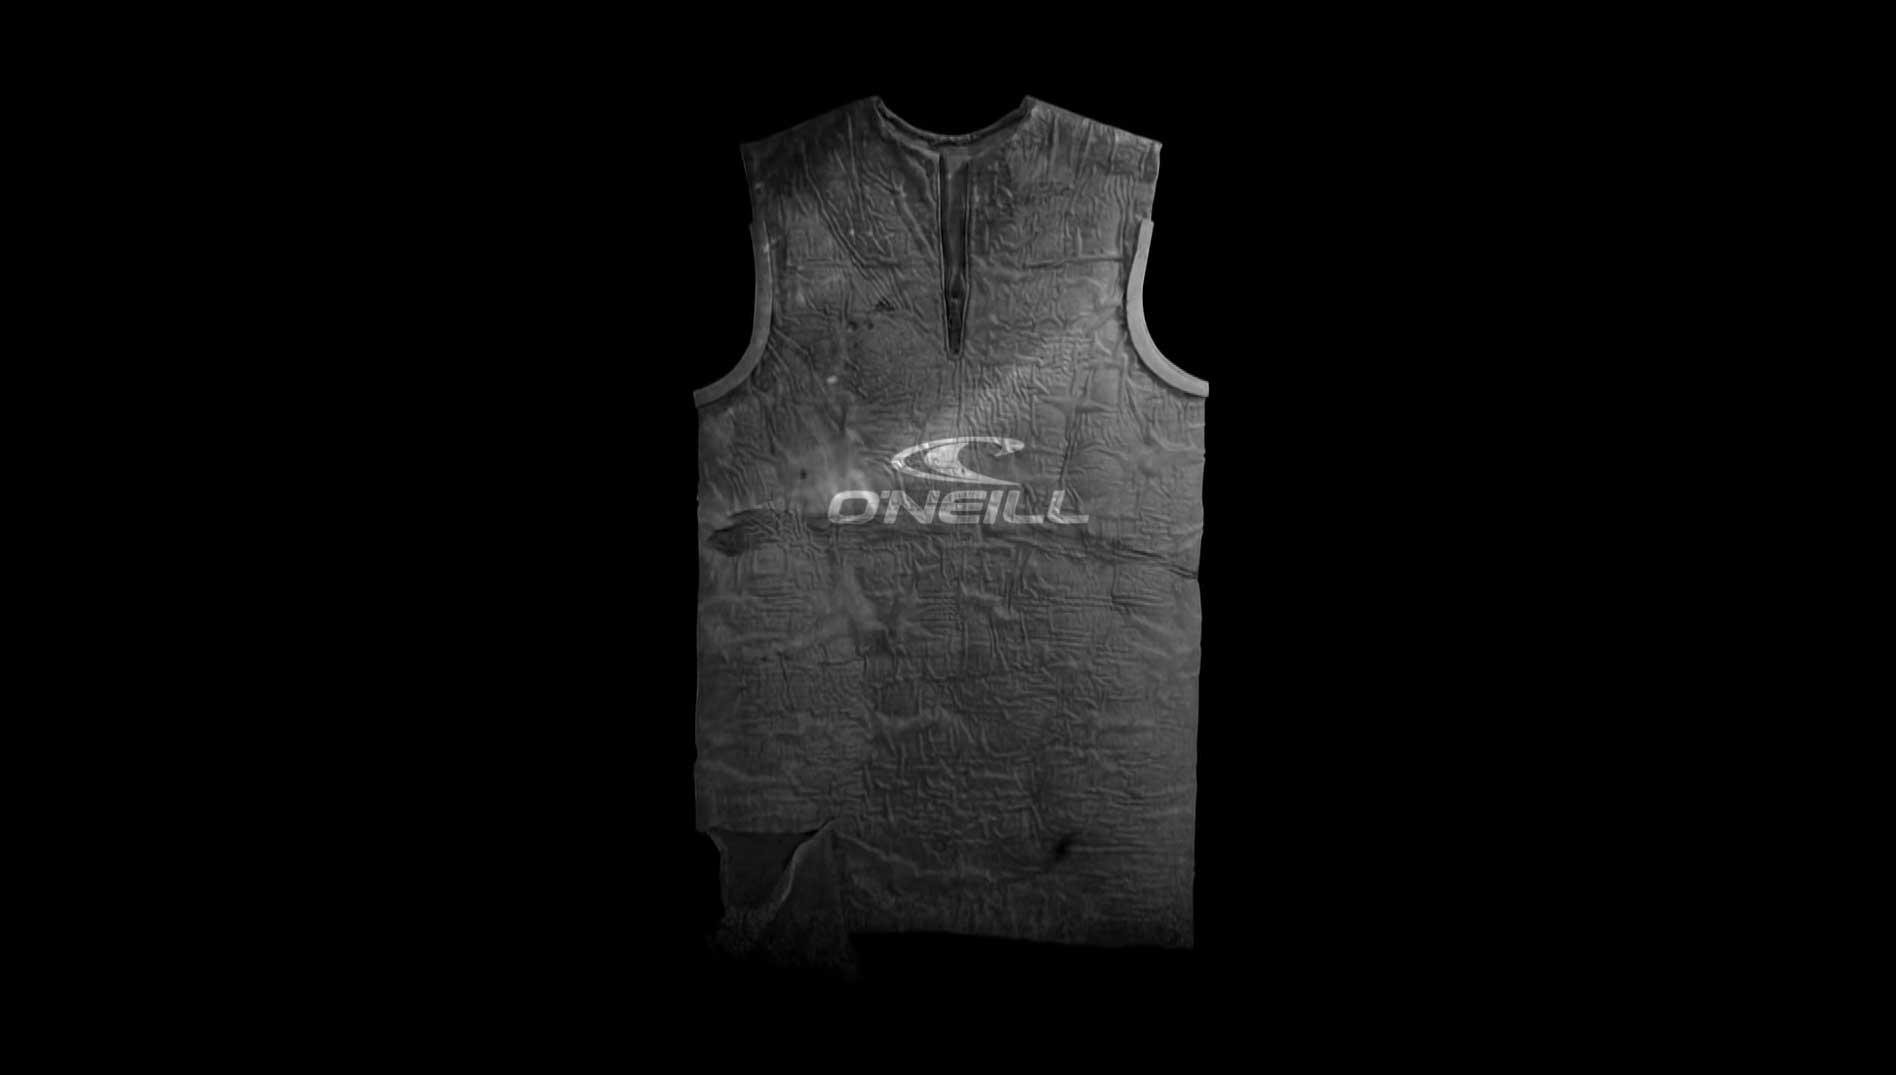 O'Neill - erster Wetsuit